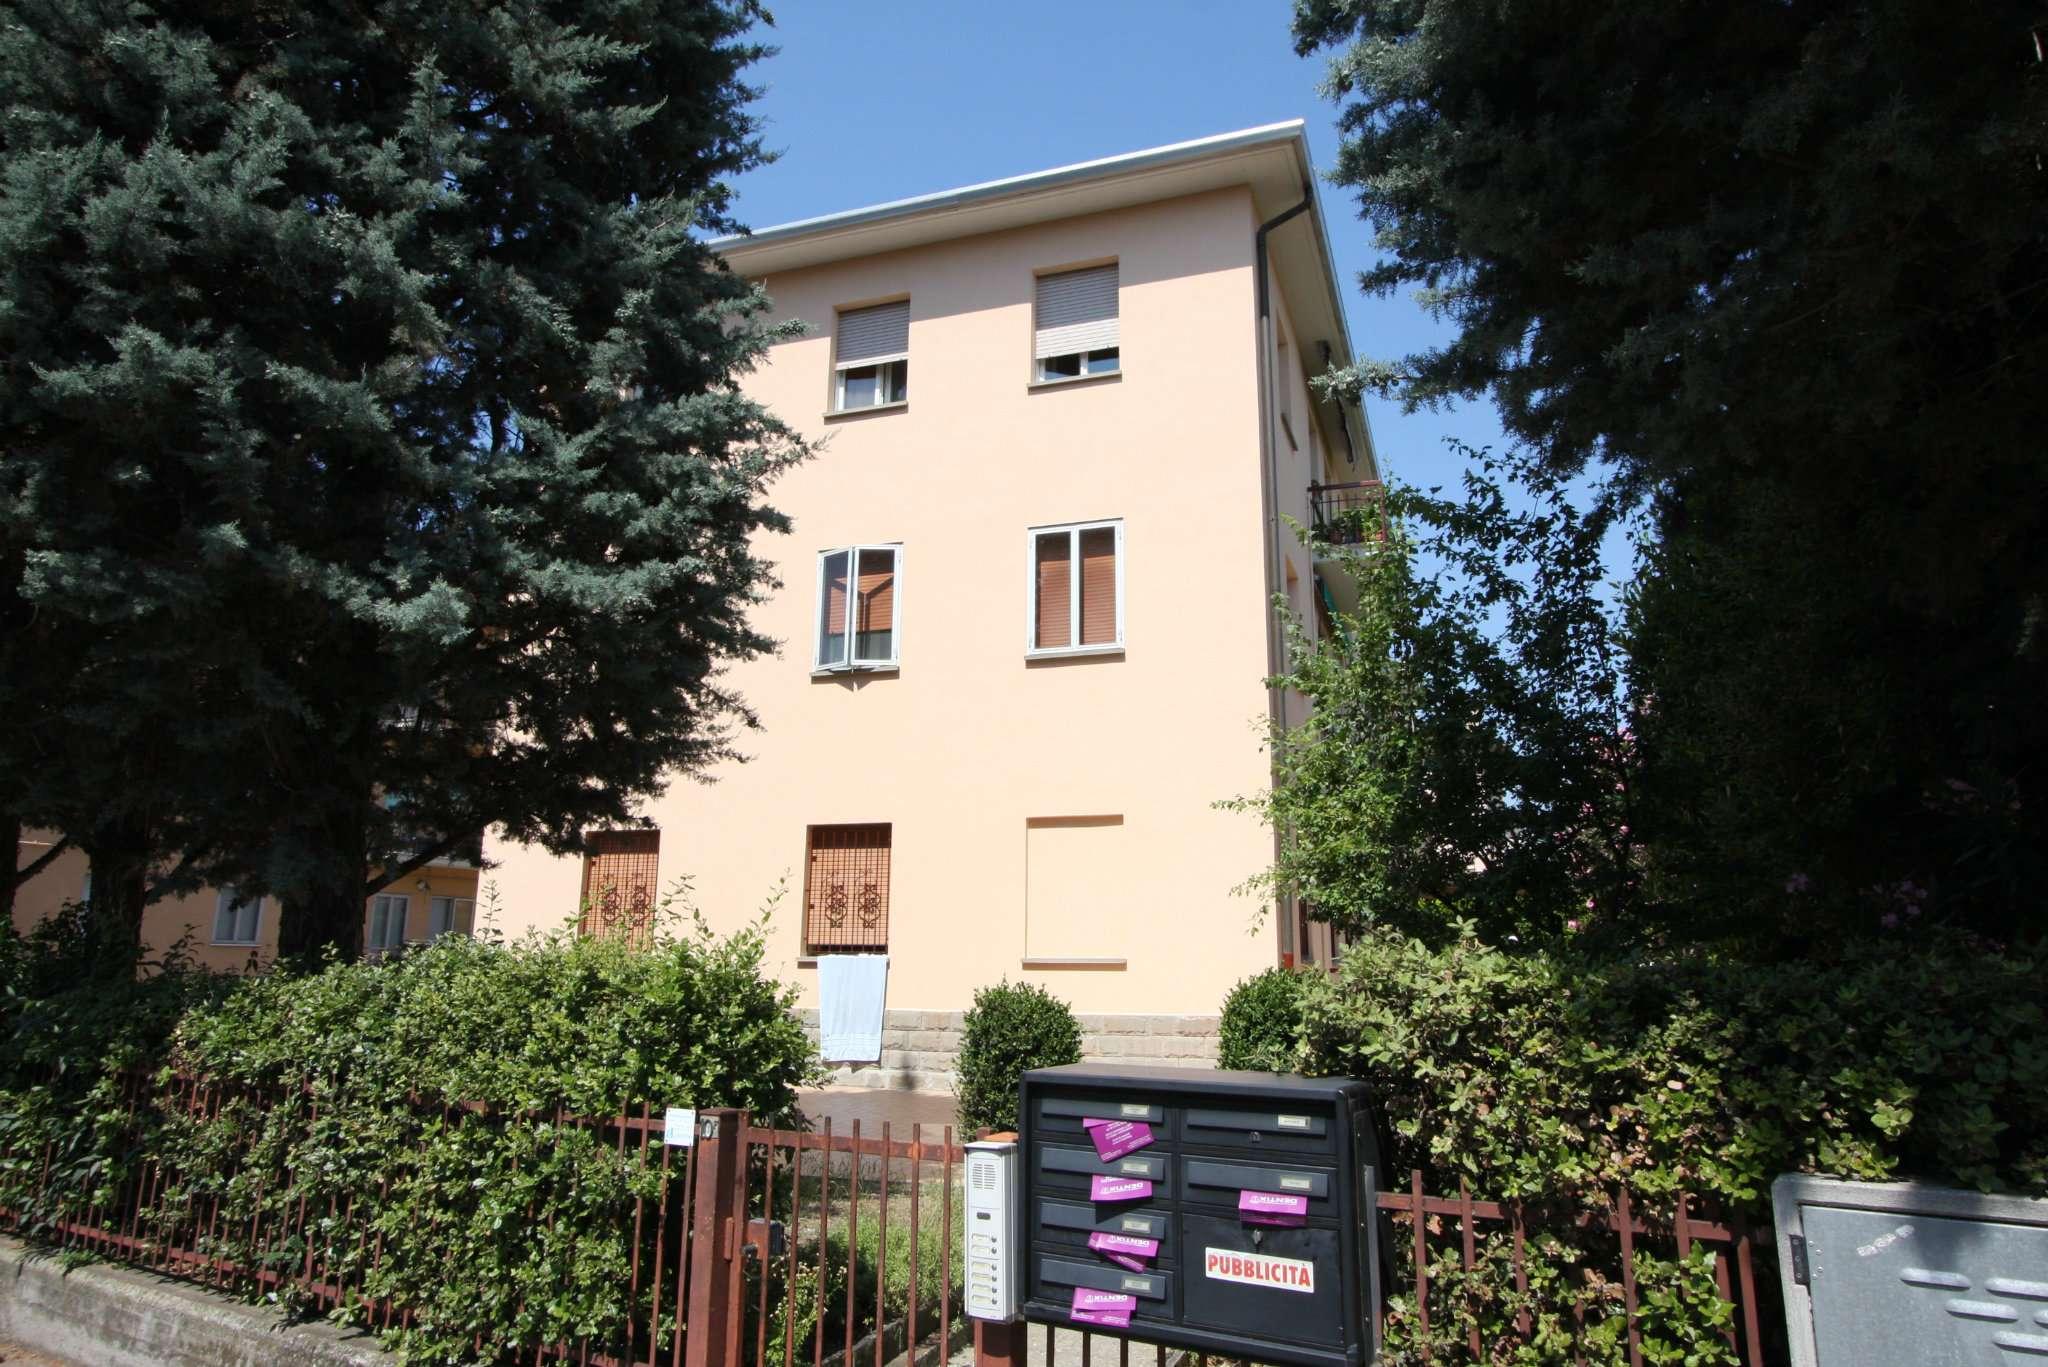 Foto 1 di Quadrilocale via Molino Vecchio 10, Imola